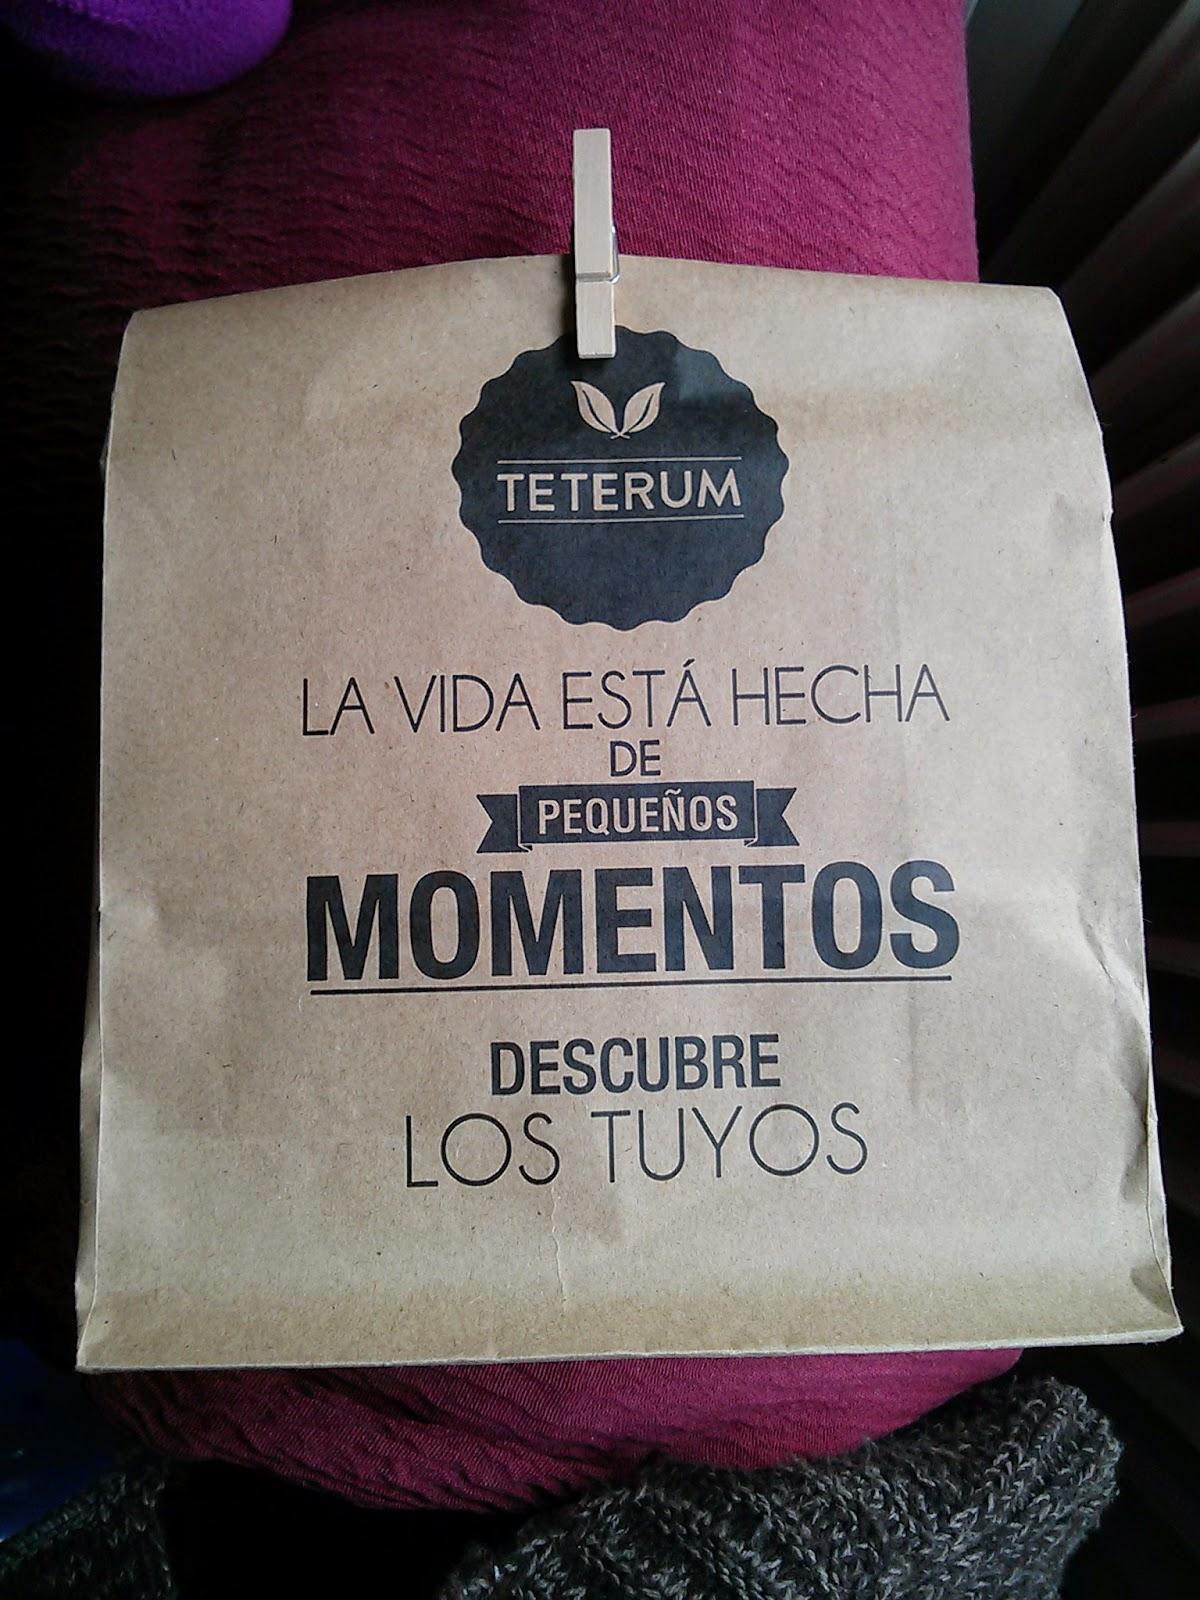 Teterum